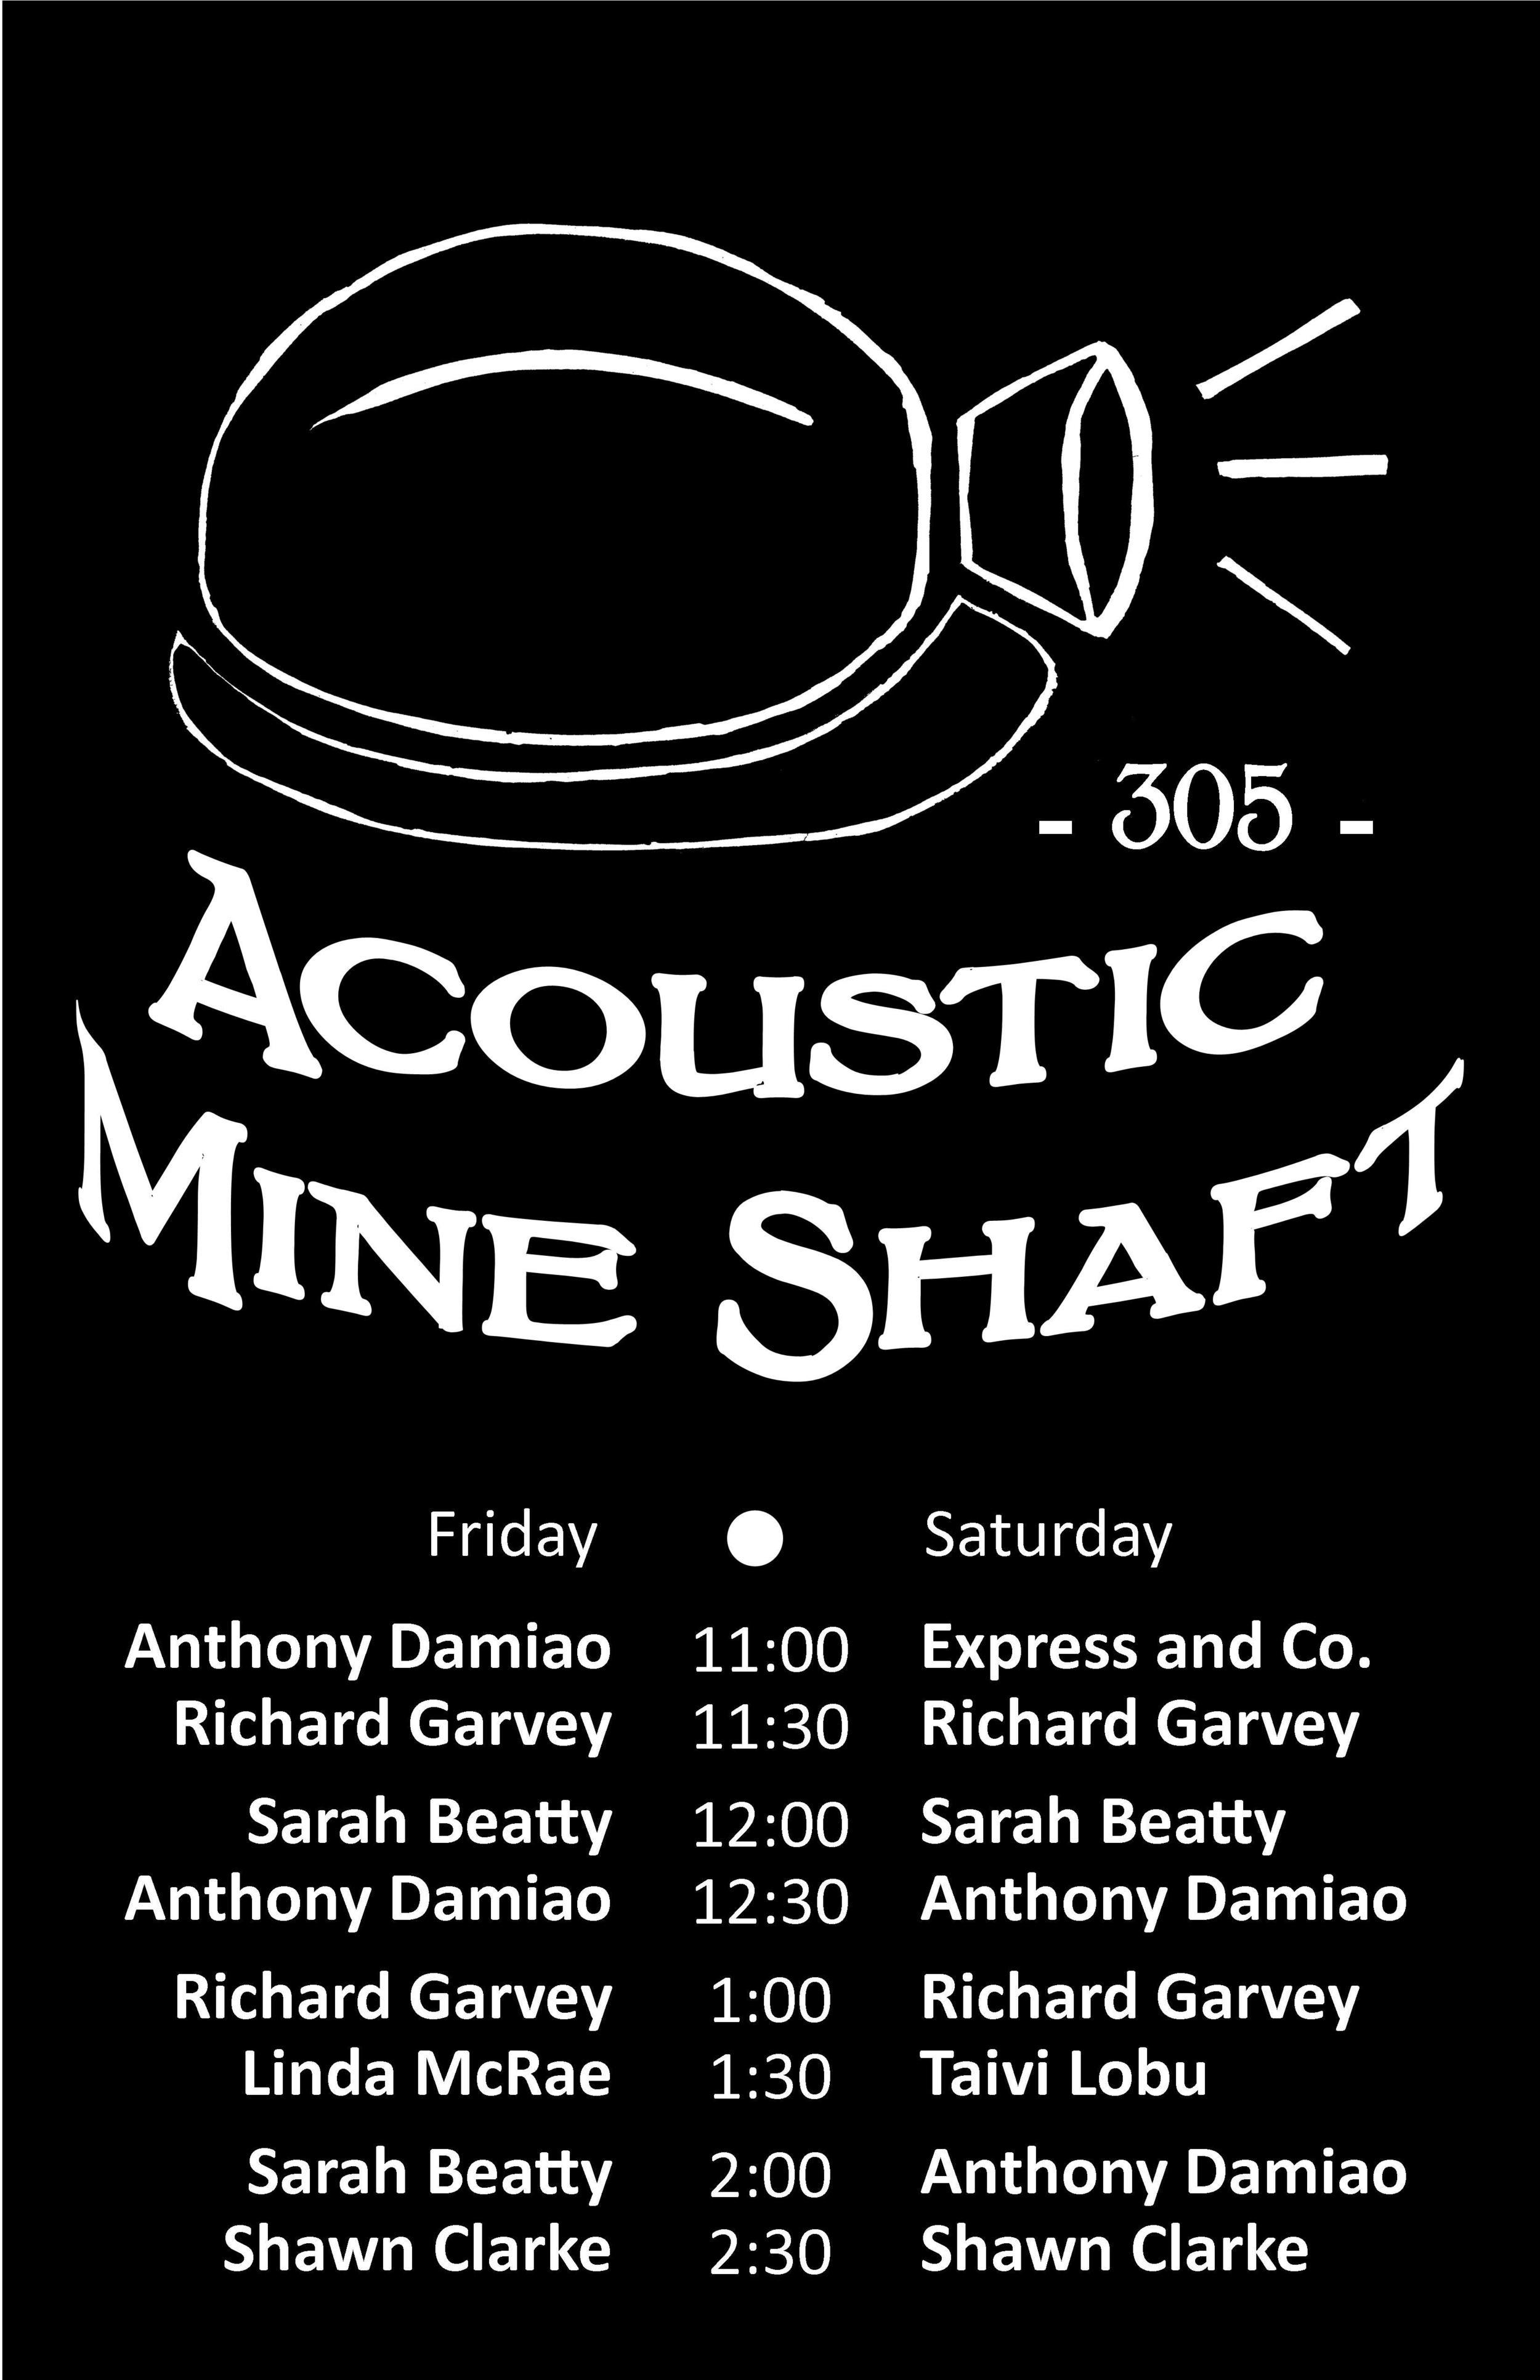 Acoustic Mine Shaft 305 - lrg poster black.jpg